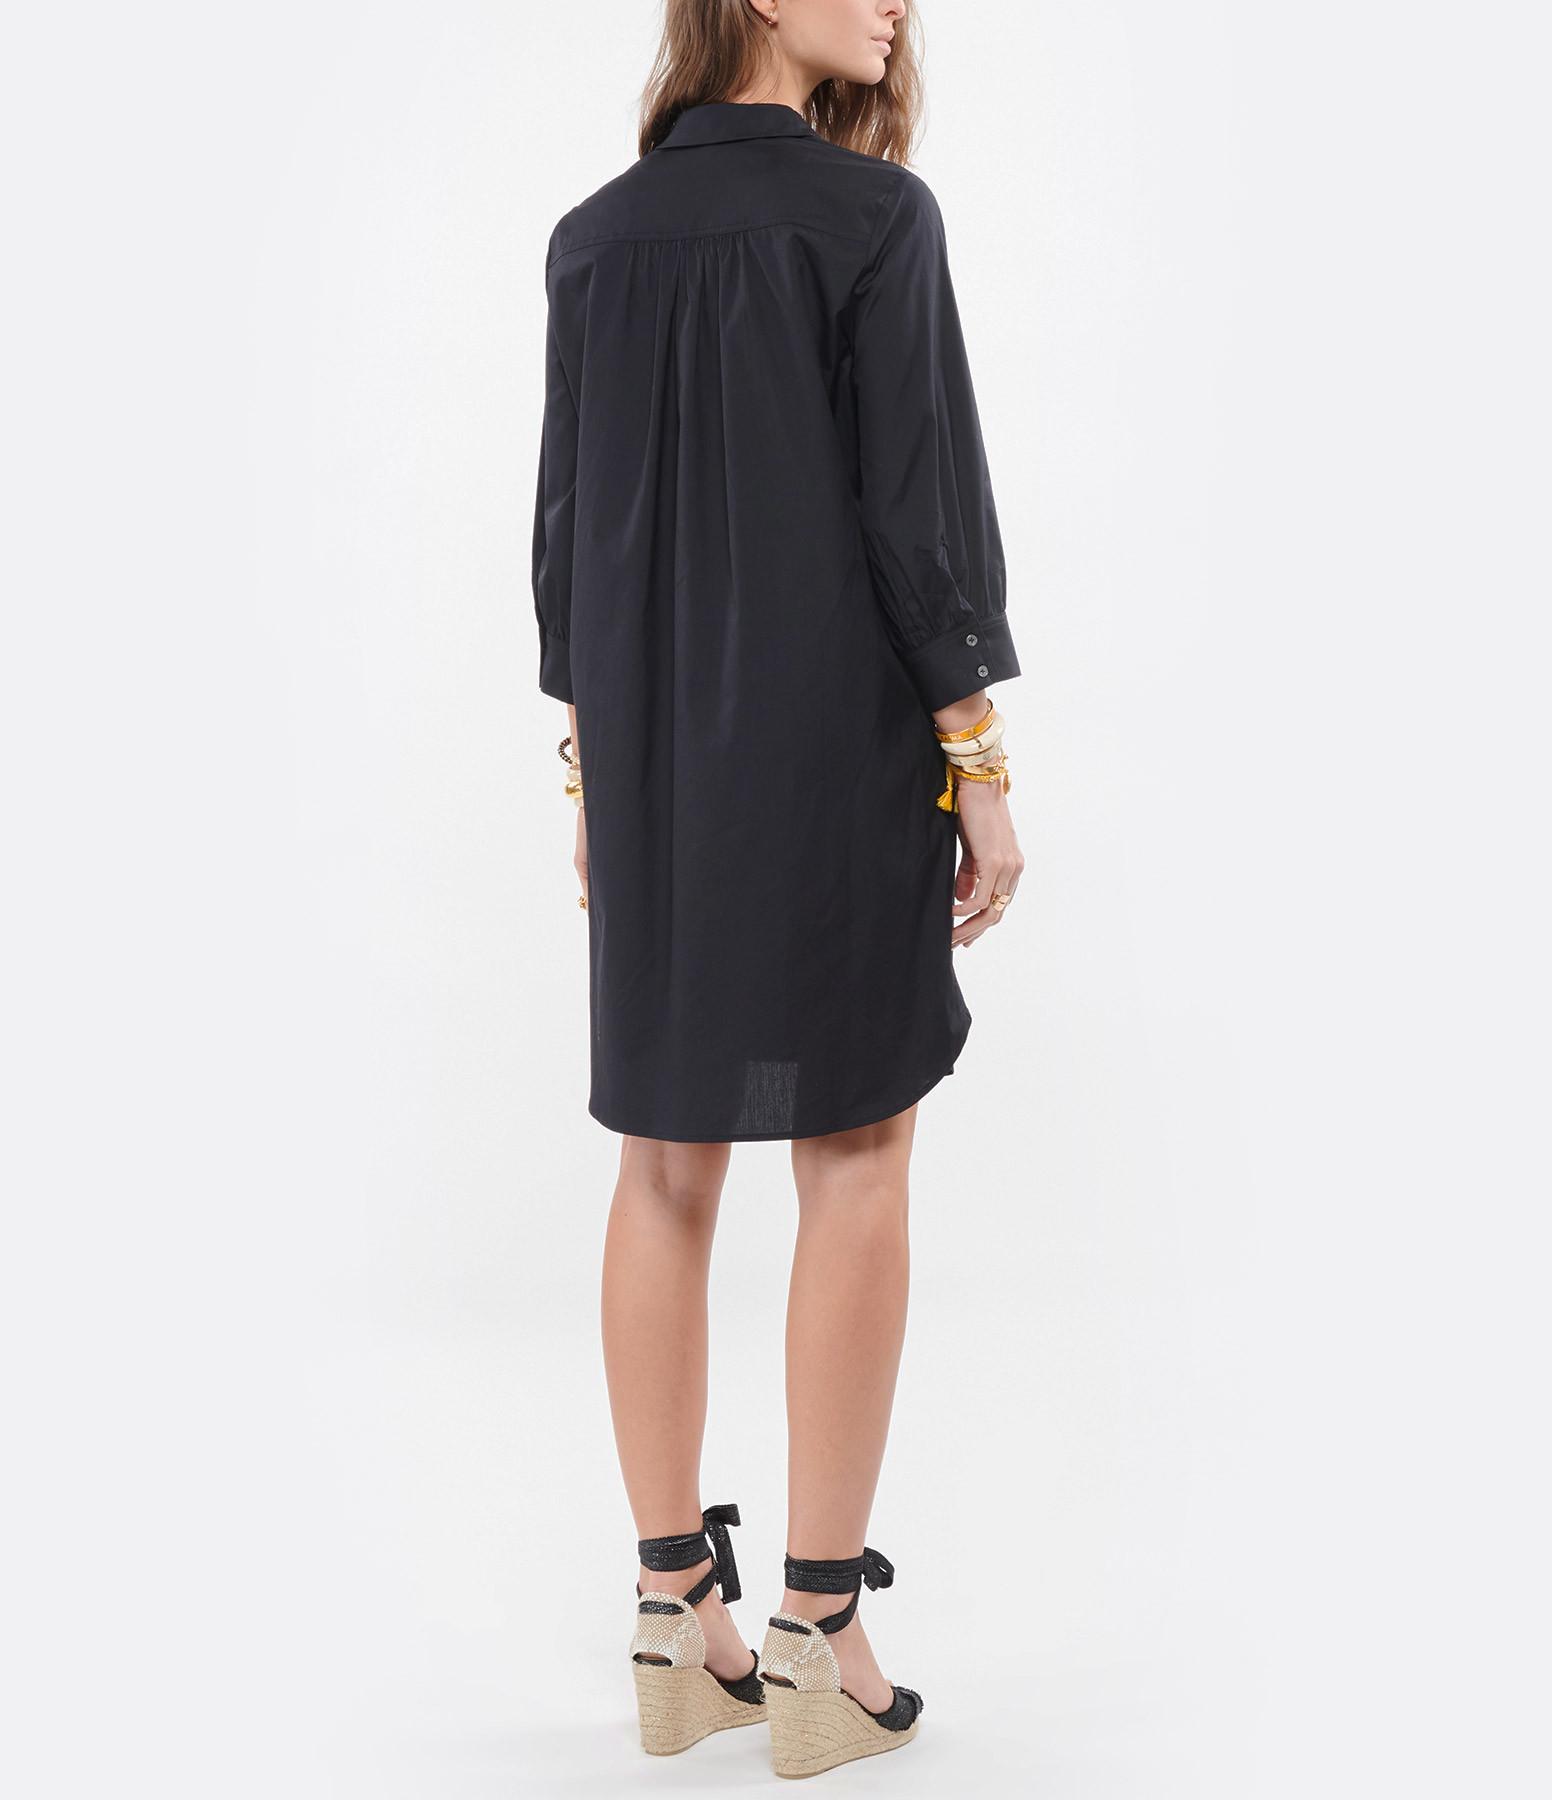 HANA SAN - Robe Chemise Suji Noir